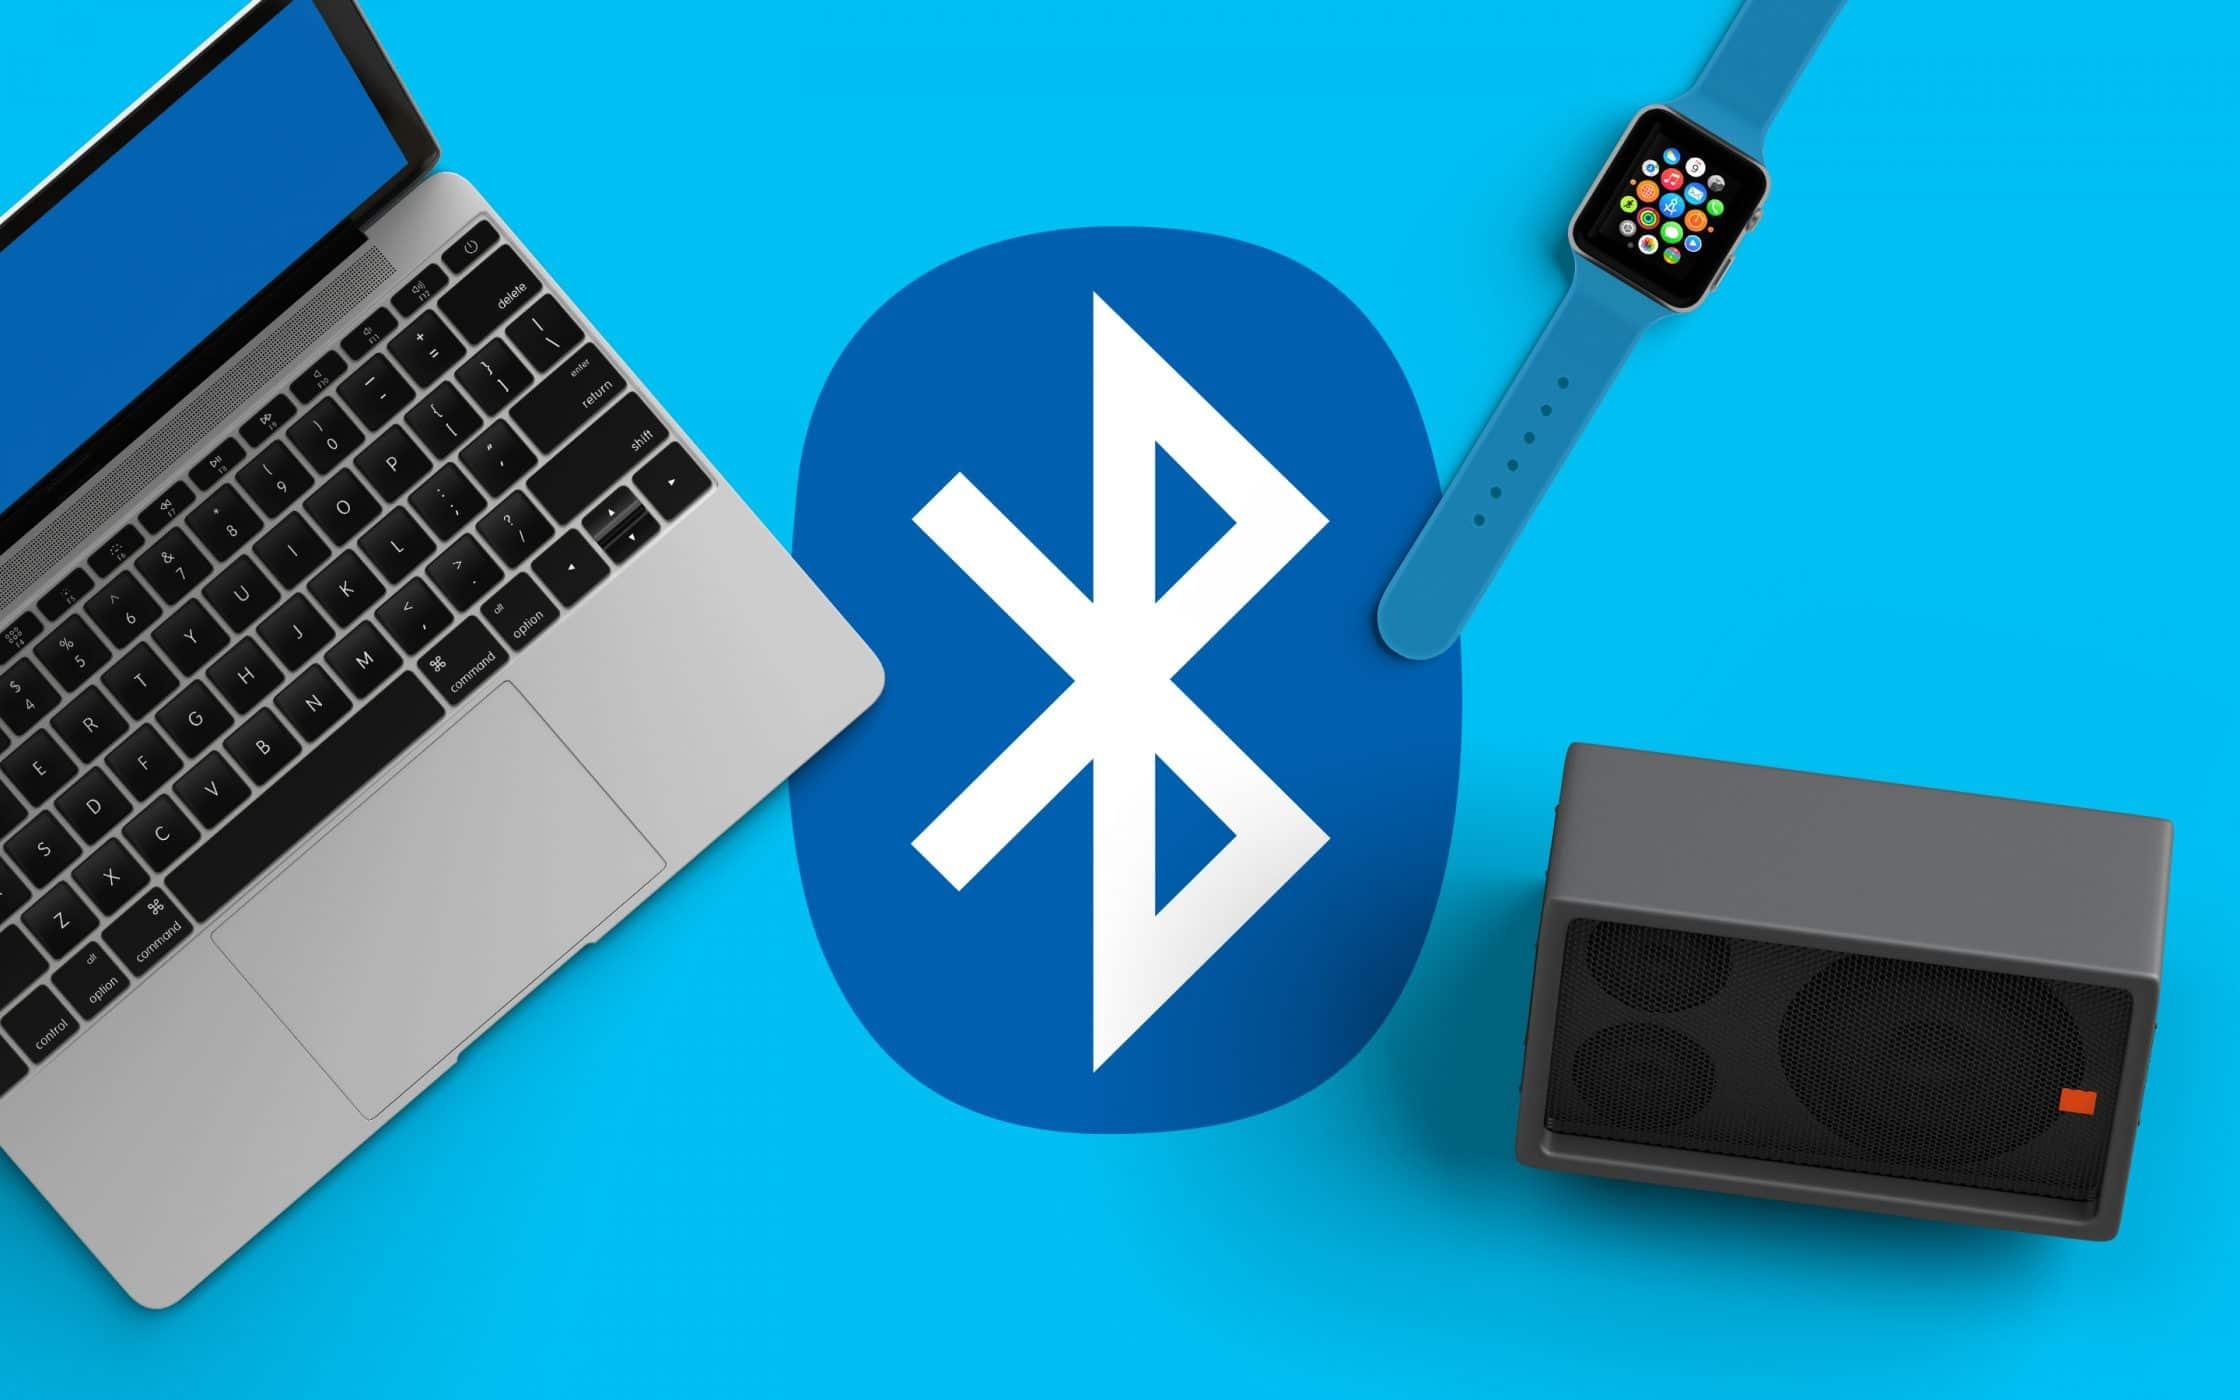 Comment connecter son téléphone à son ordinateur par Bluetooth?